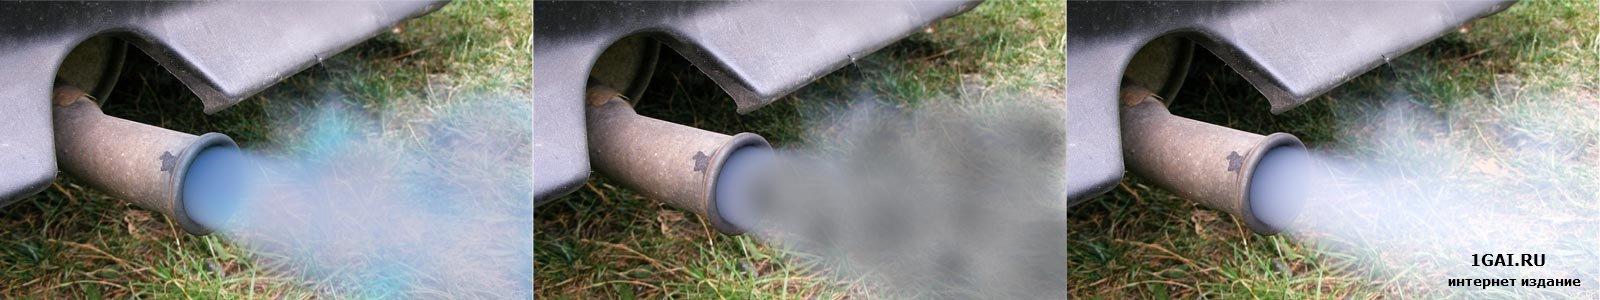 может ли дым из трубы котельной на газу навредить здоровью